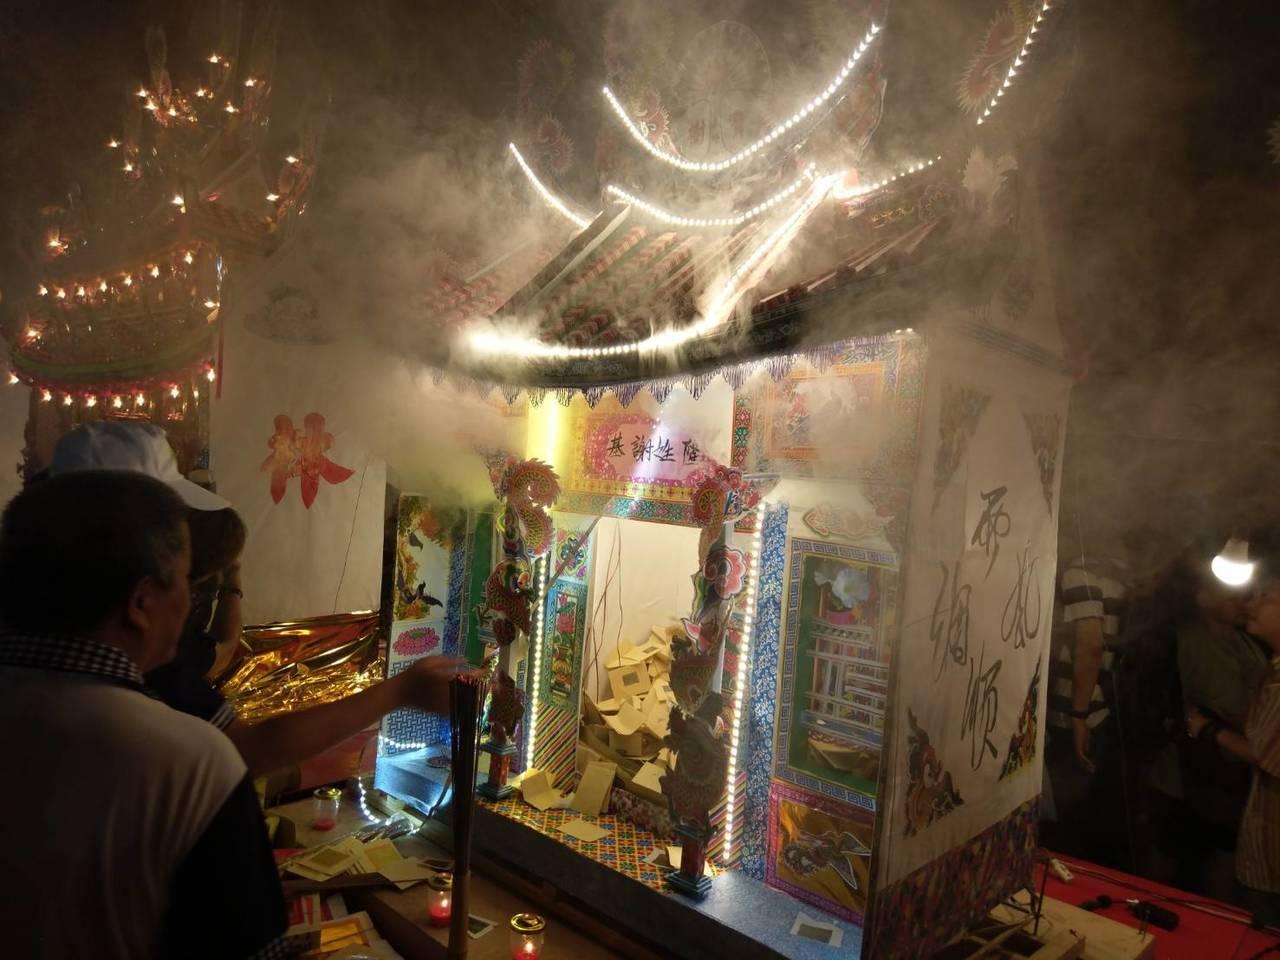 一水燈頭起火。圖由文史工作者吳盛宏提供